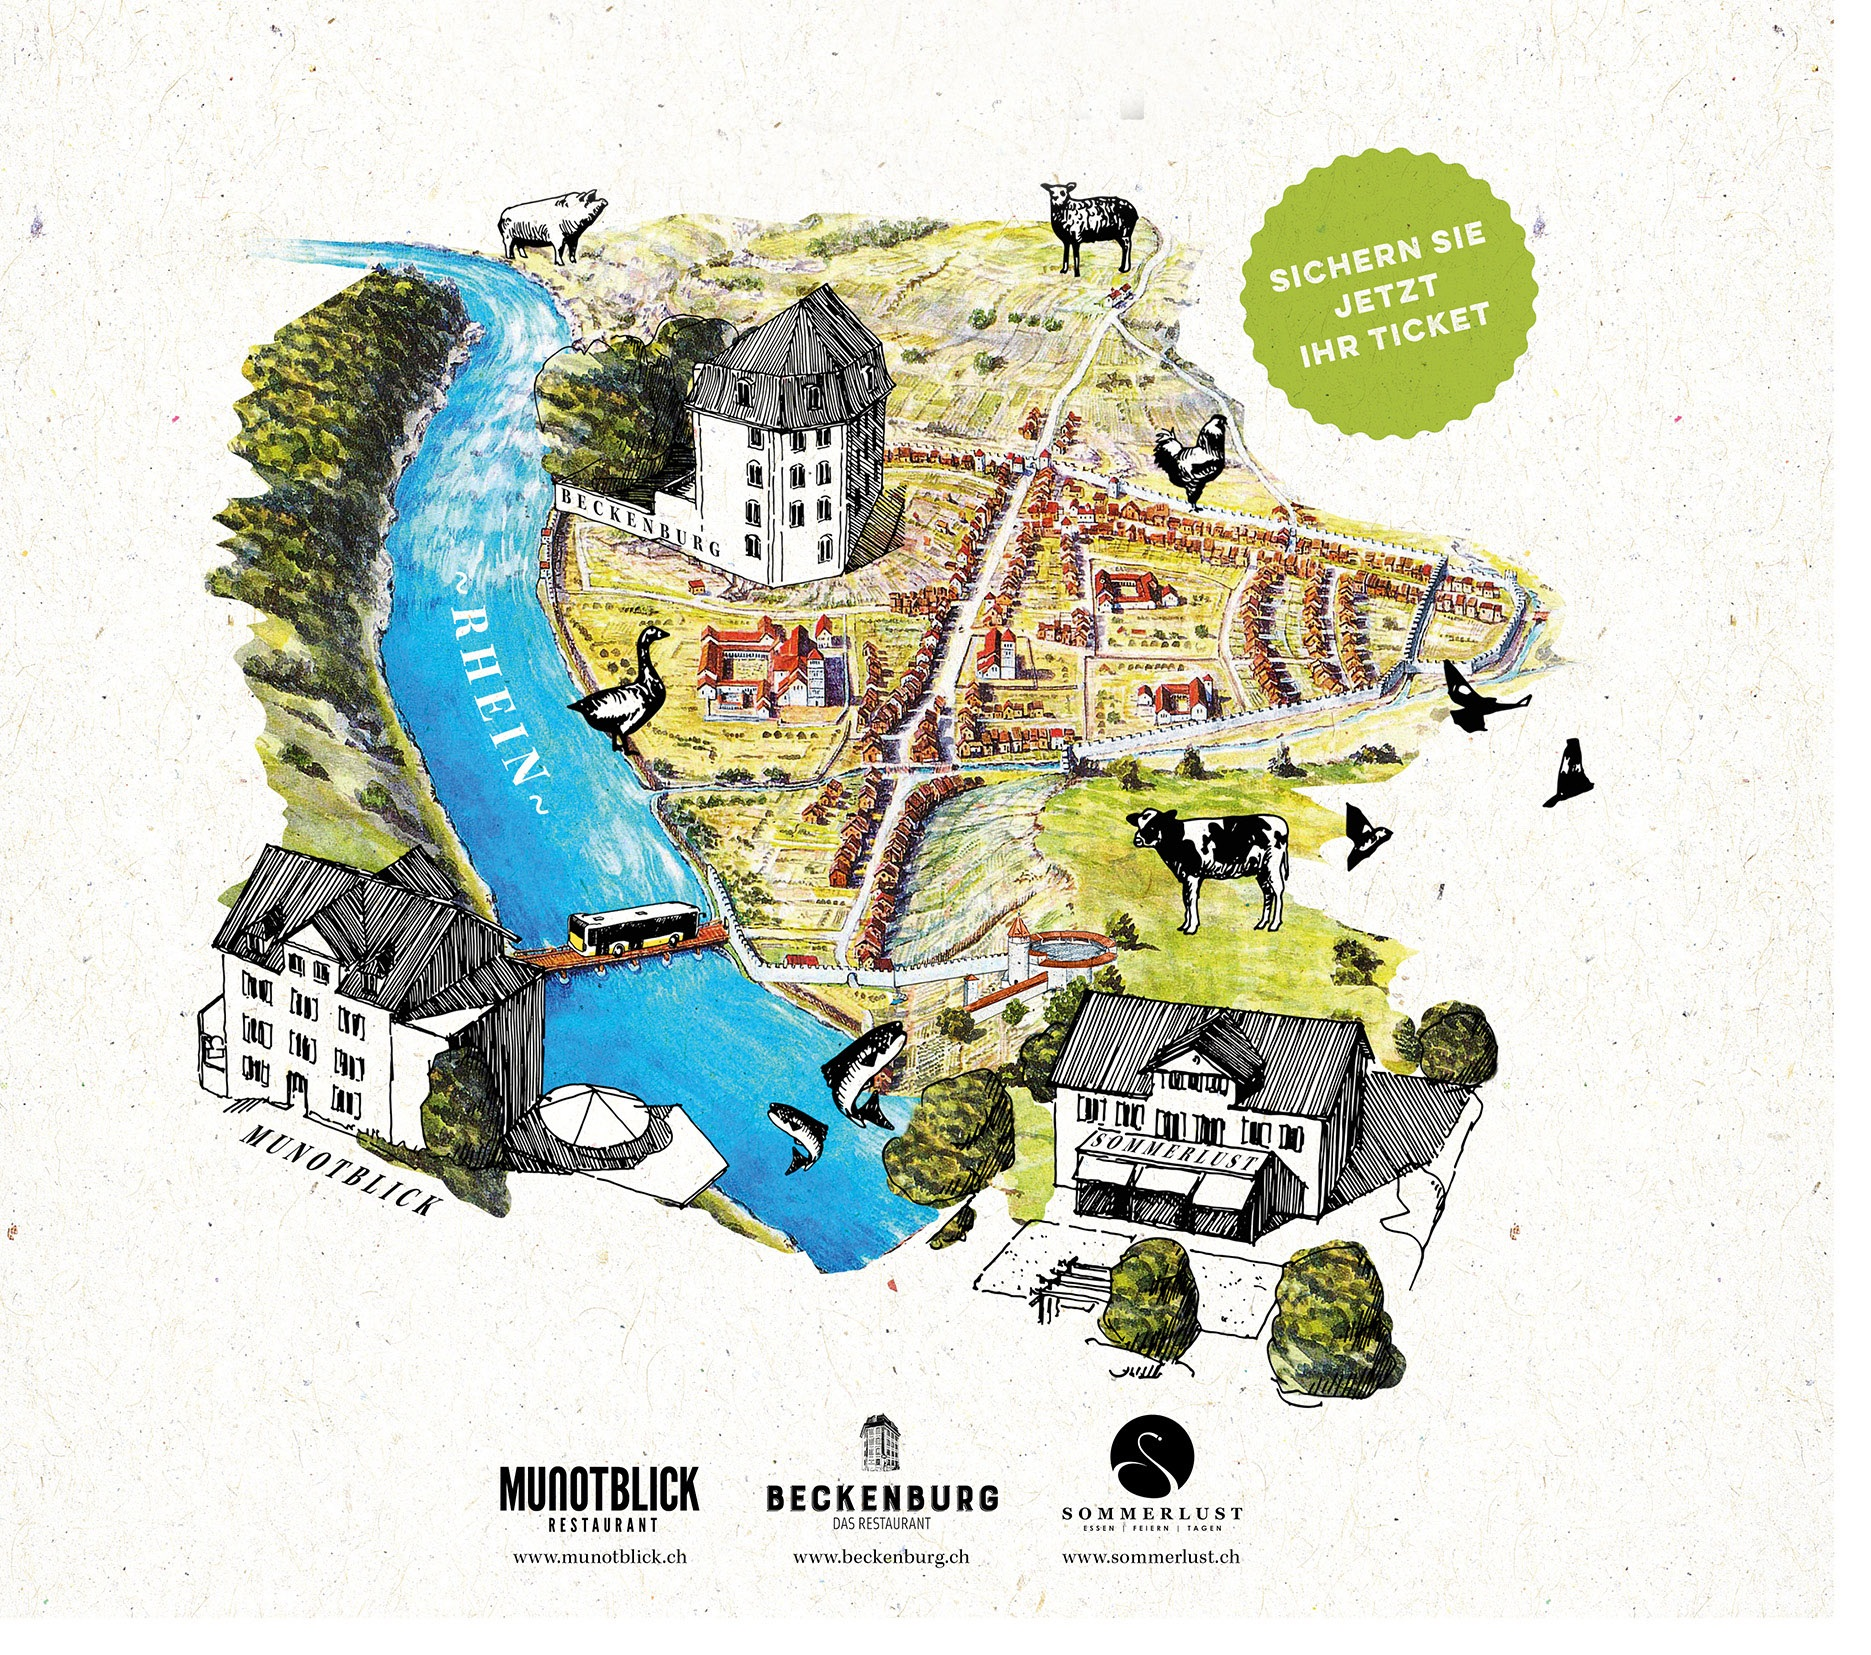 Blick. Burg. Lust. Drei Restaurants. Ein Abend. Ein Bus.   Am Freitag, den 27. September 2019 nehmen wir Sie mit auf eine kulinarische Entdeckungsreise durch Schaffhausen.